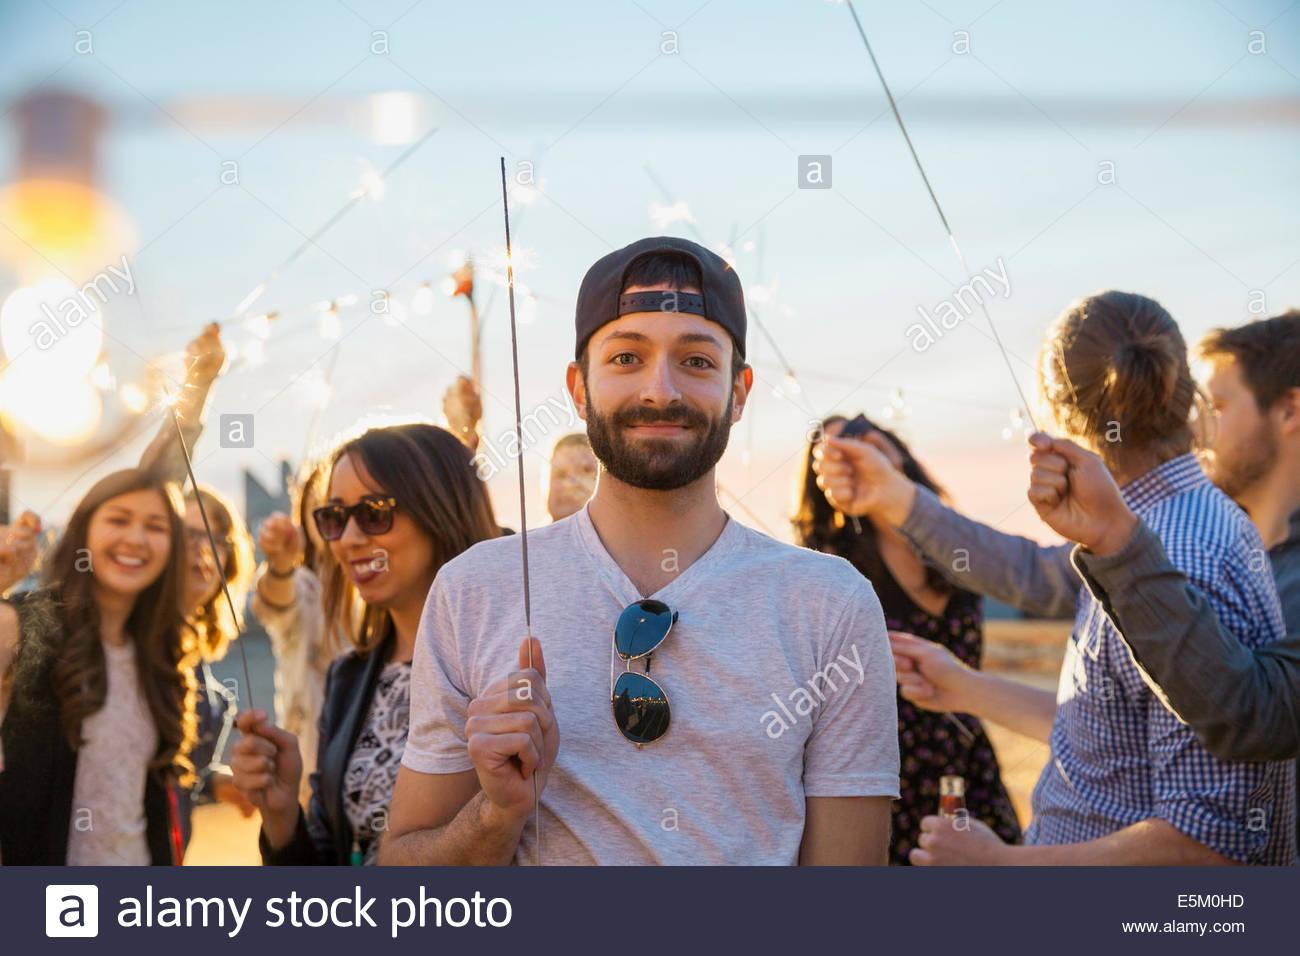 Porträt von lächelnden Mann mit Wunderkerze auf party Stockbild